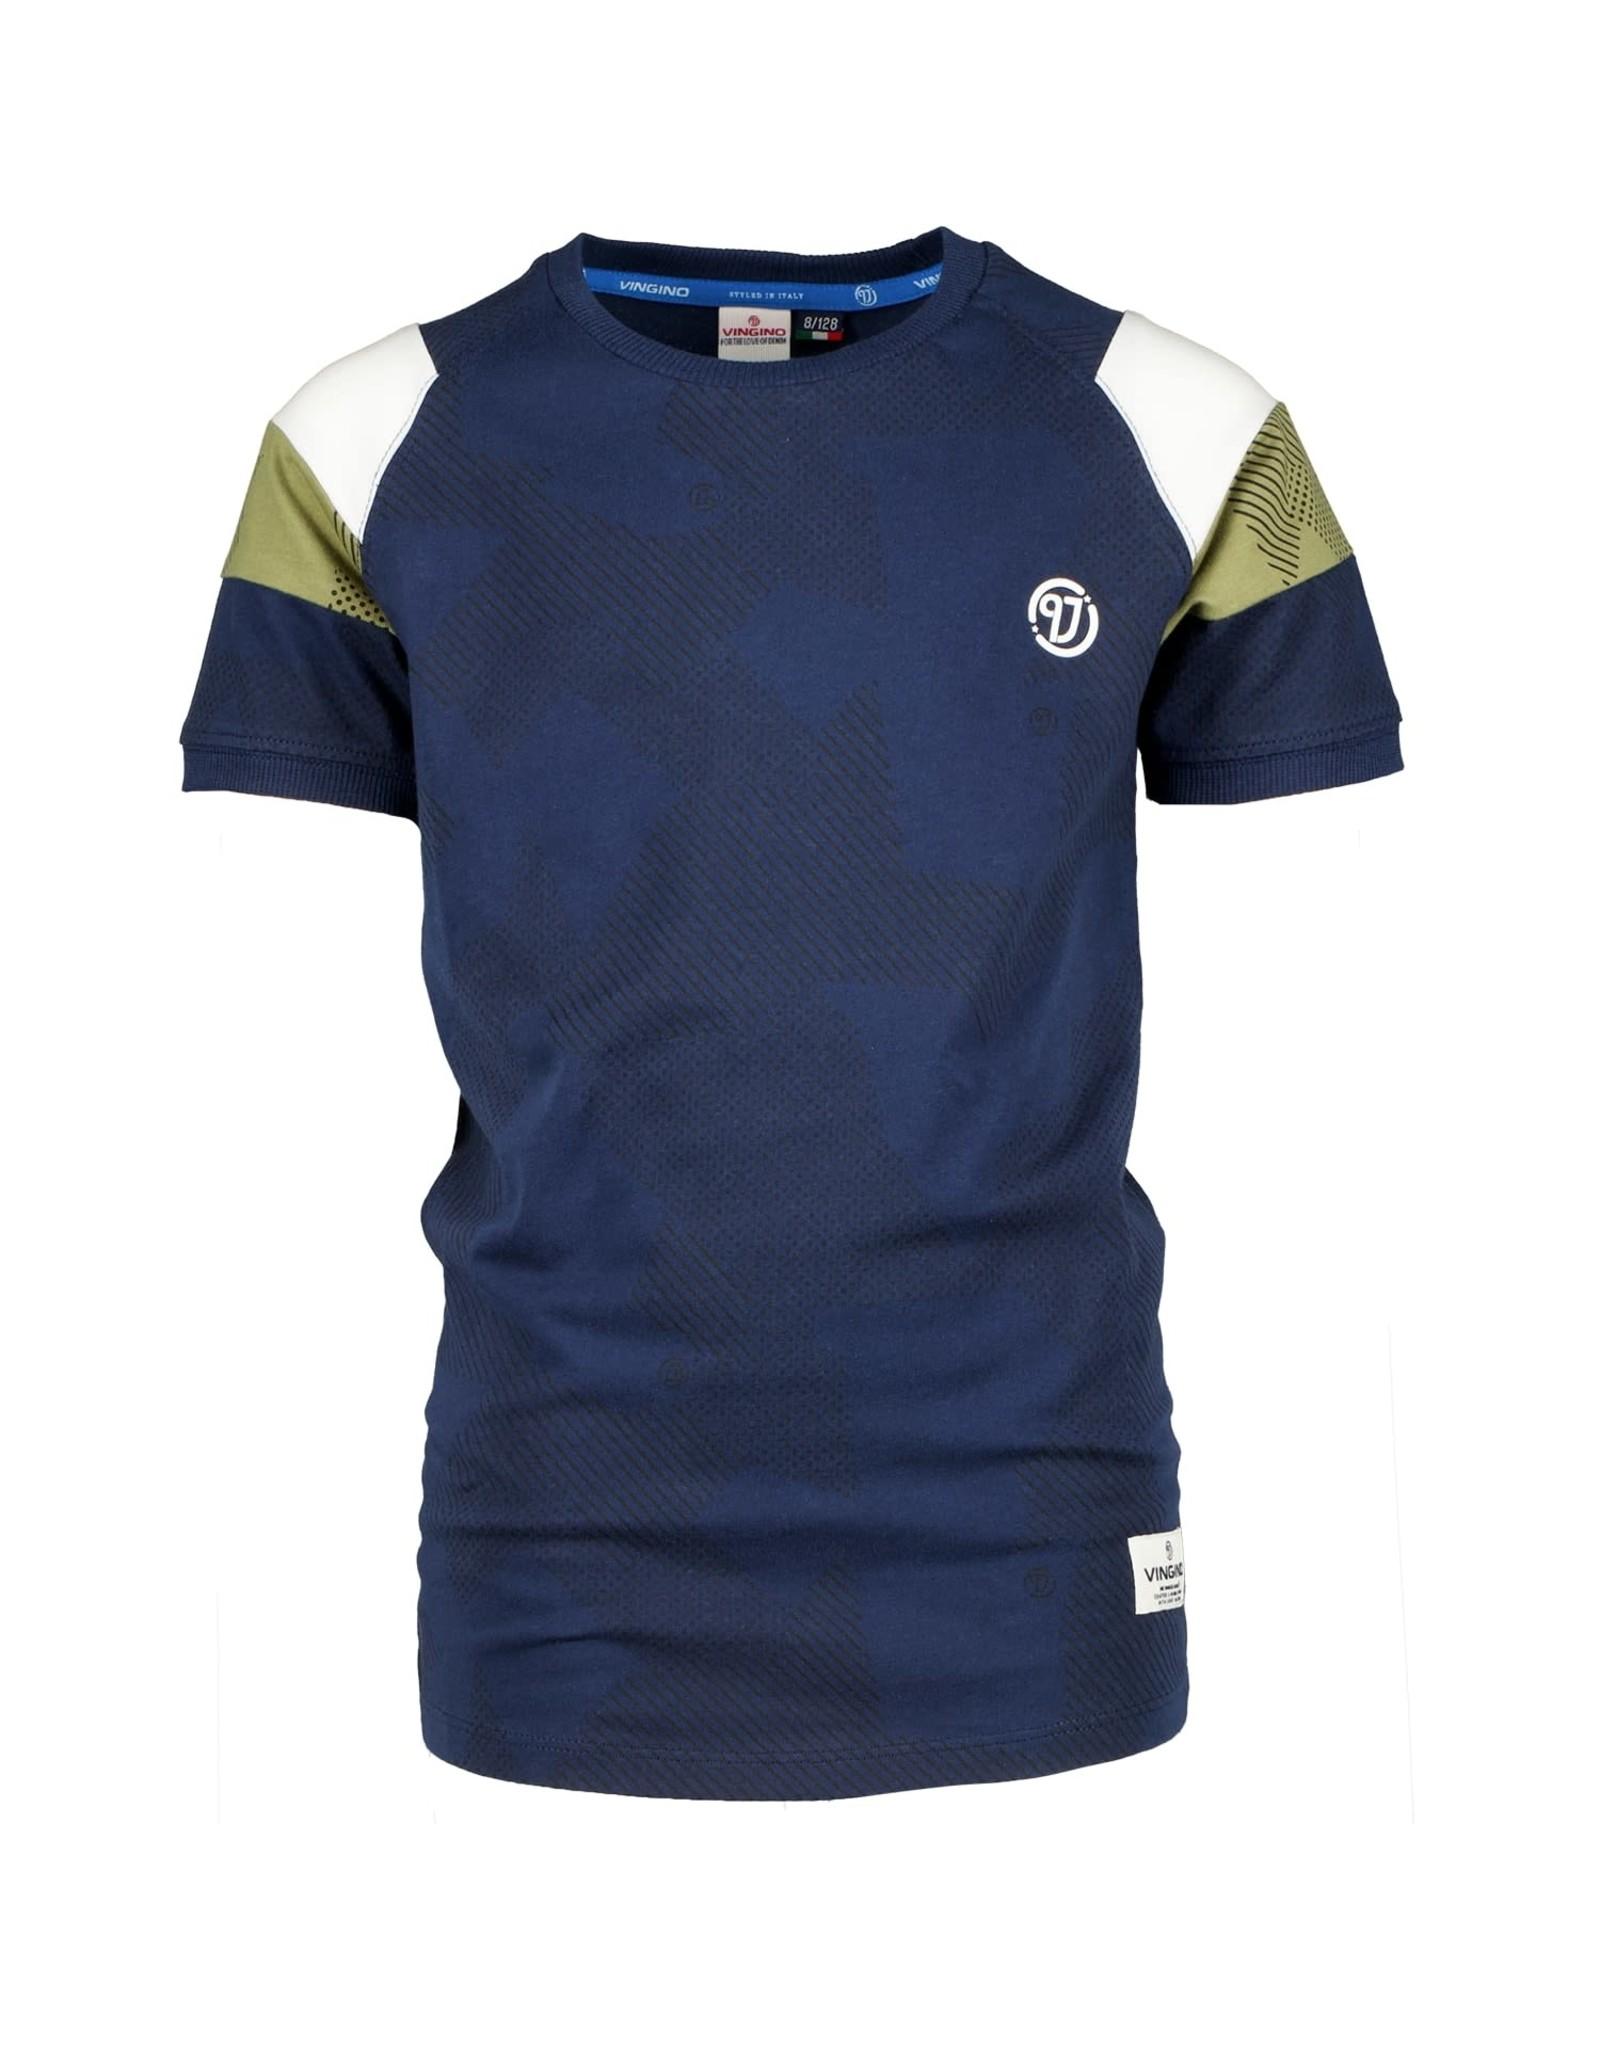 Vingino Vingino jongens t-shirt Hacalo dark blue